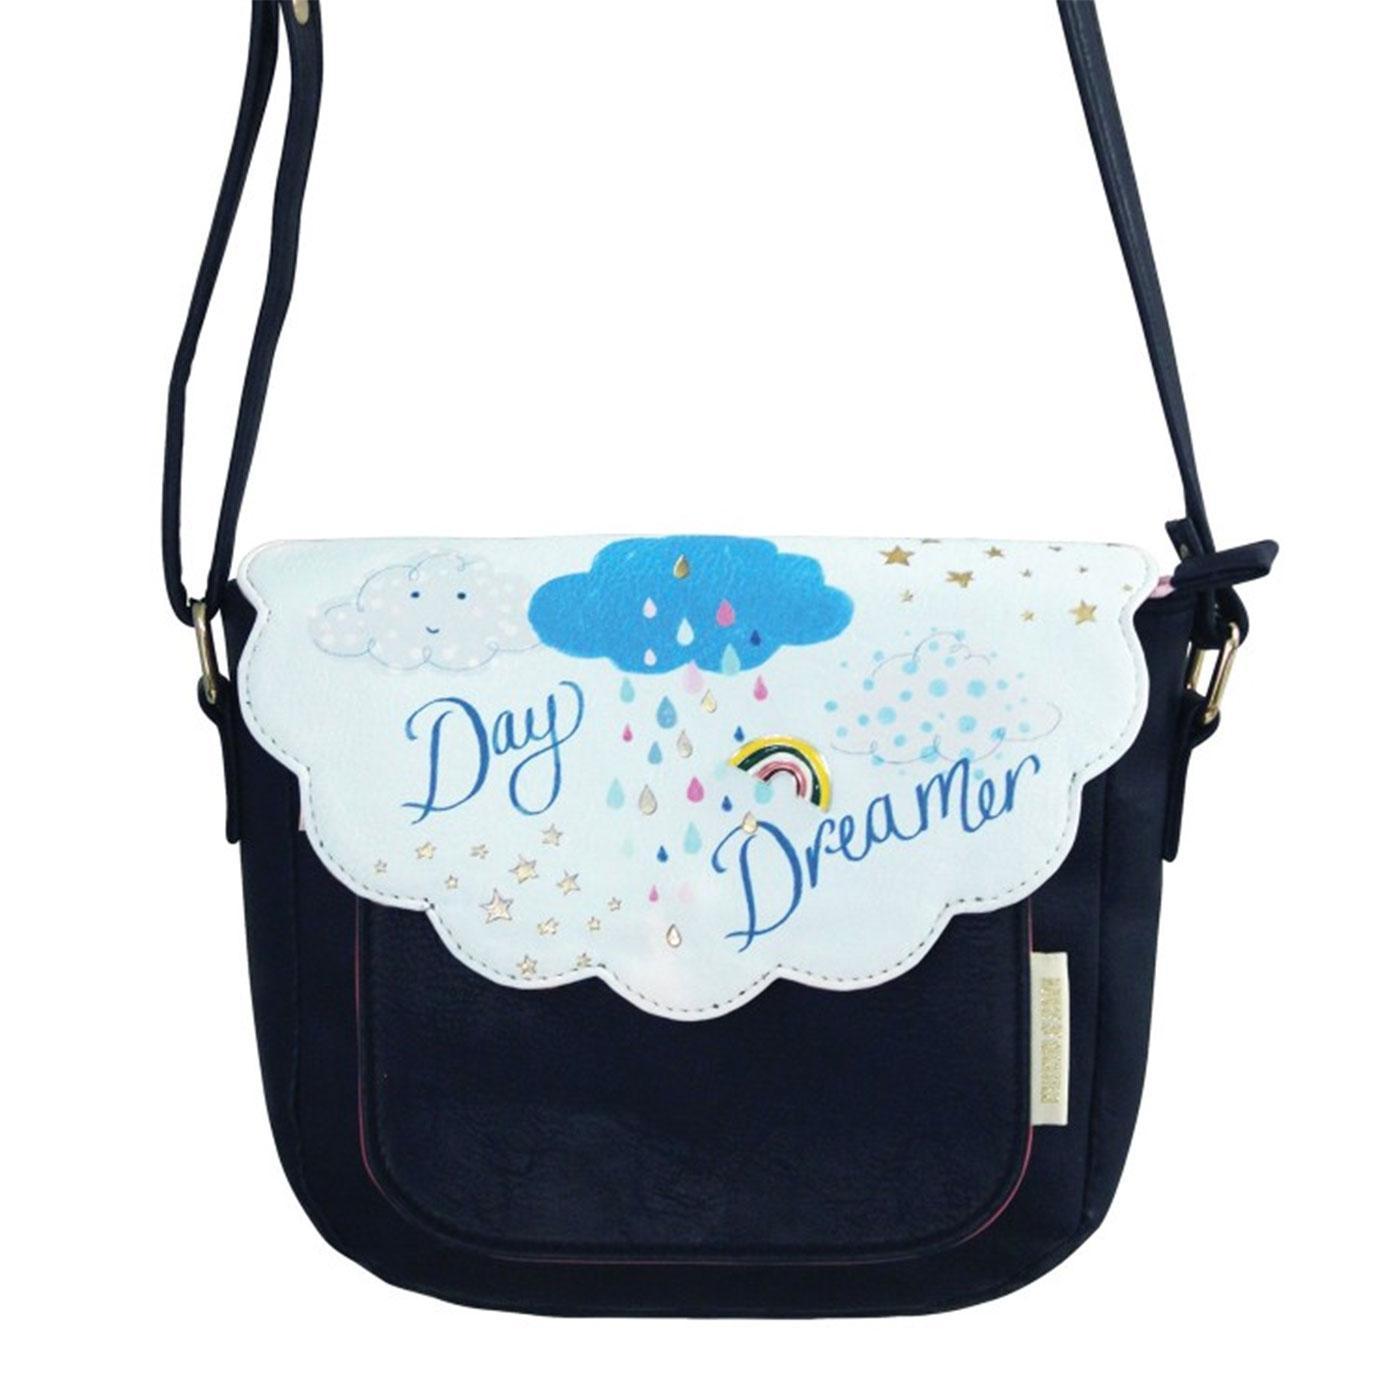 Daydreamer Keepsake Retro Saddle Bag Handbag